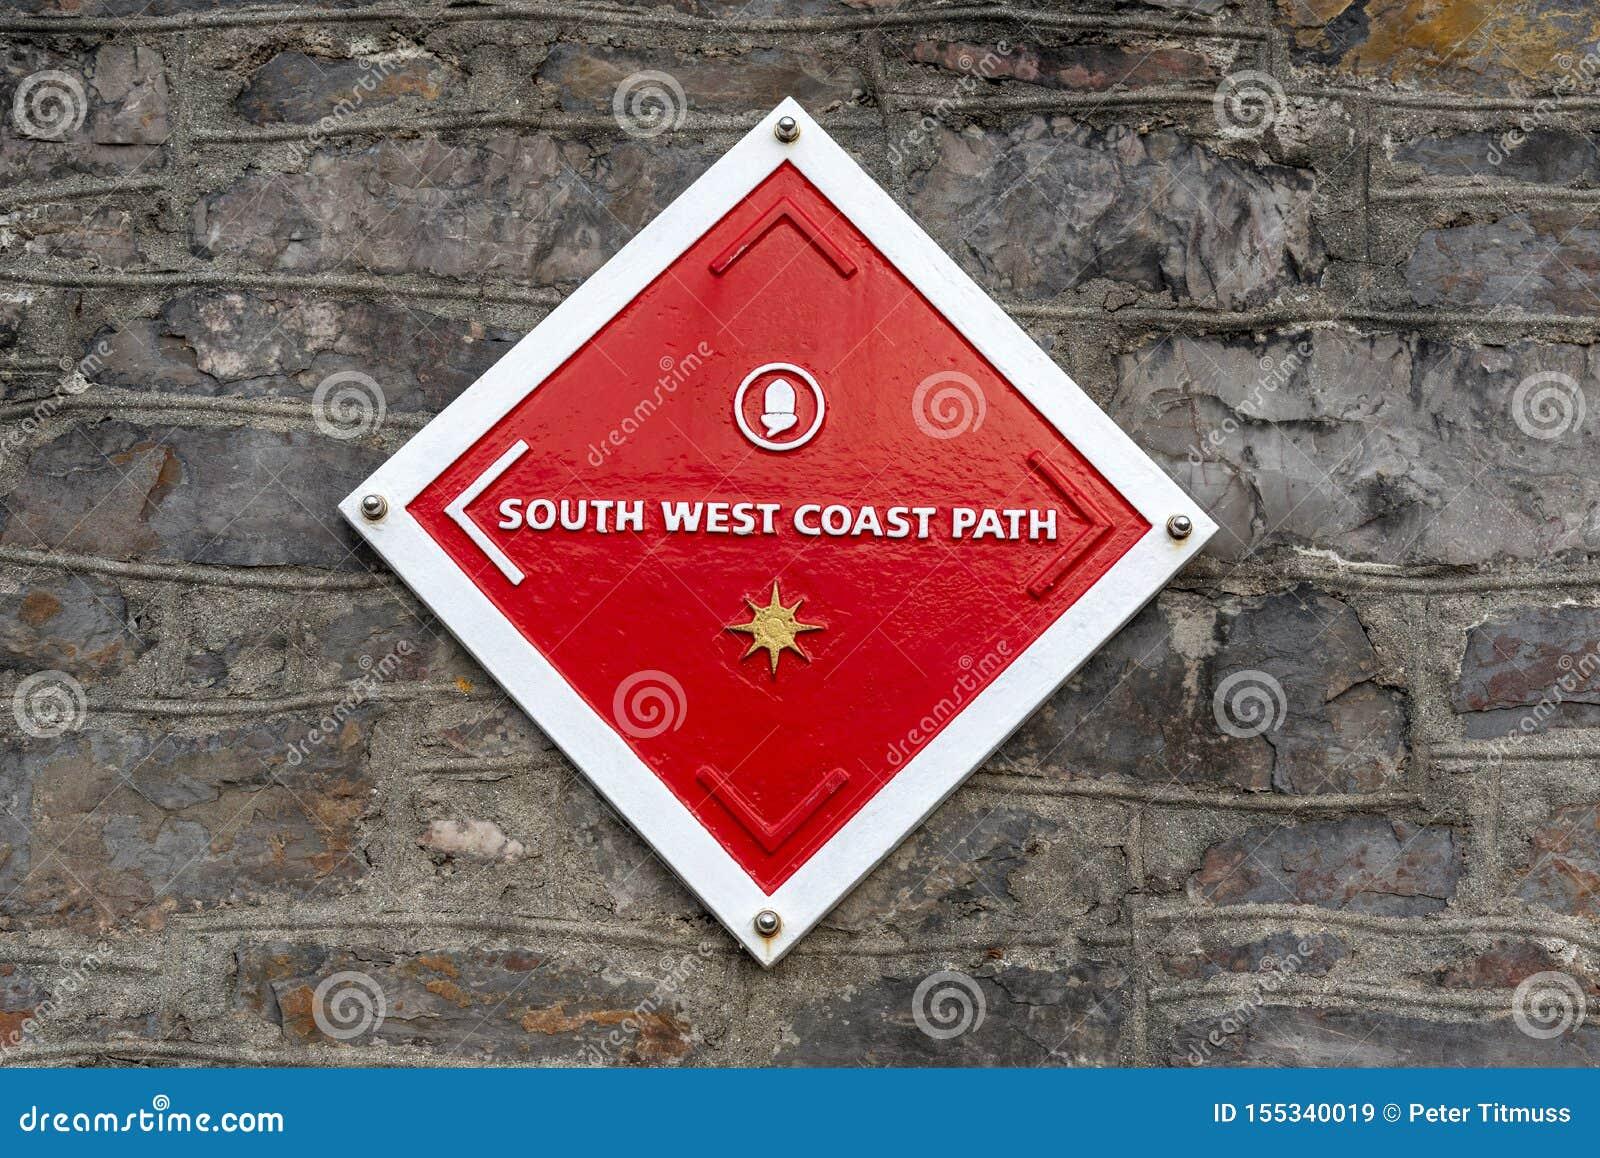 西南区海岸道路标志 在普利茅斯英国的墙壁上